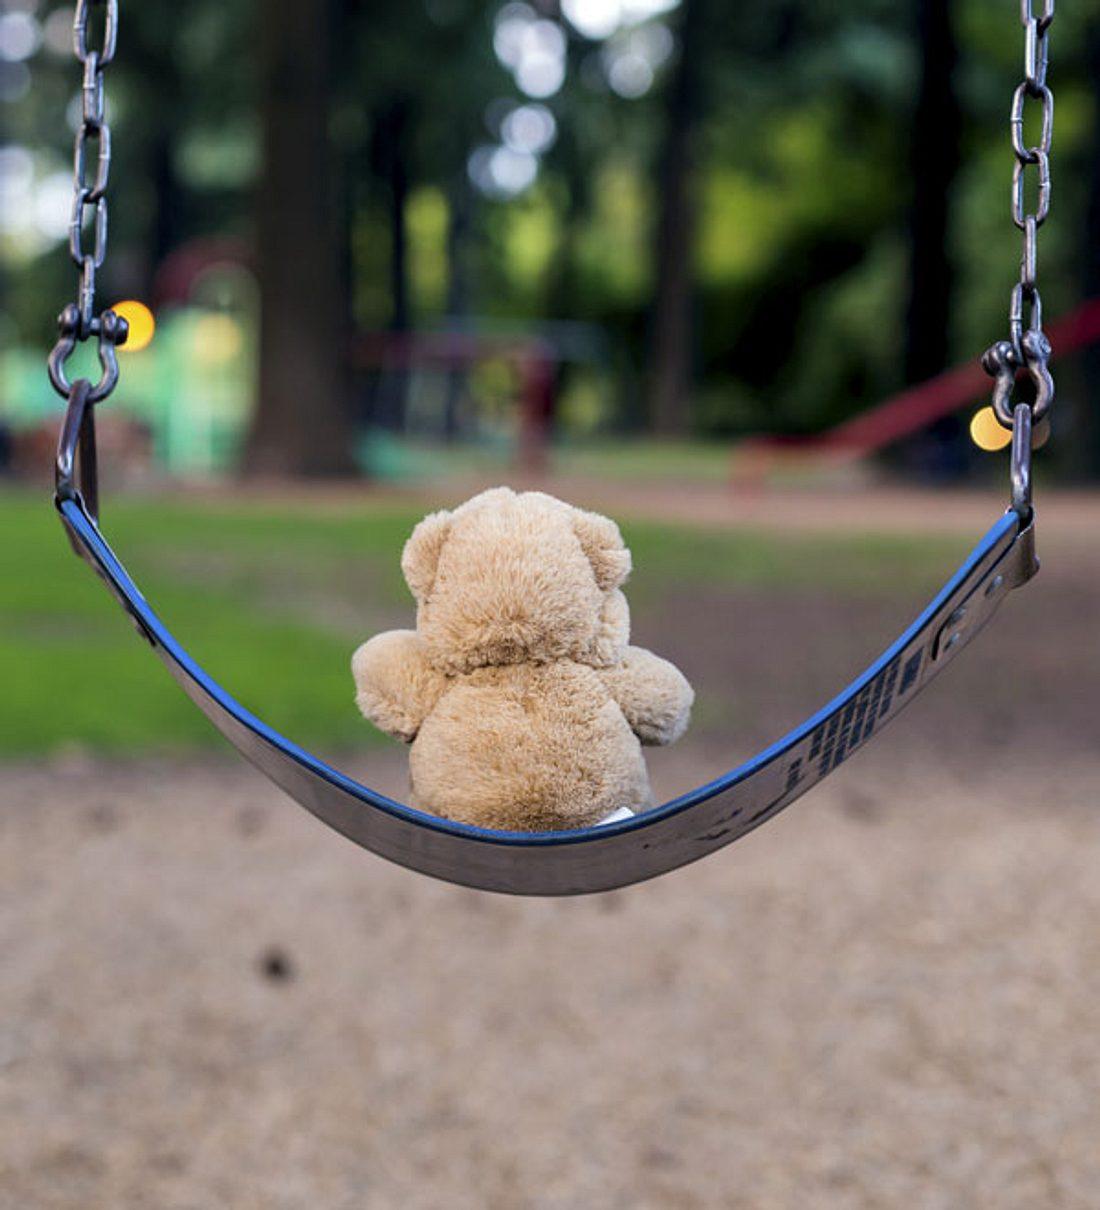 Vater misshandelt zwei jährige Tochter! Kind schwebt in Lebensgefahr